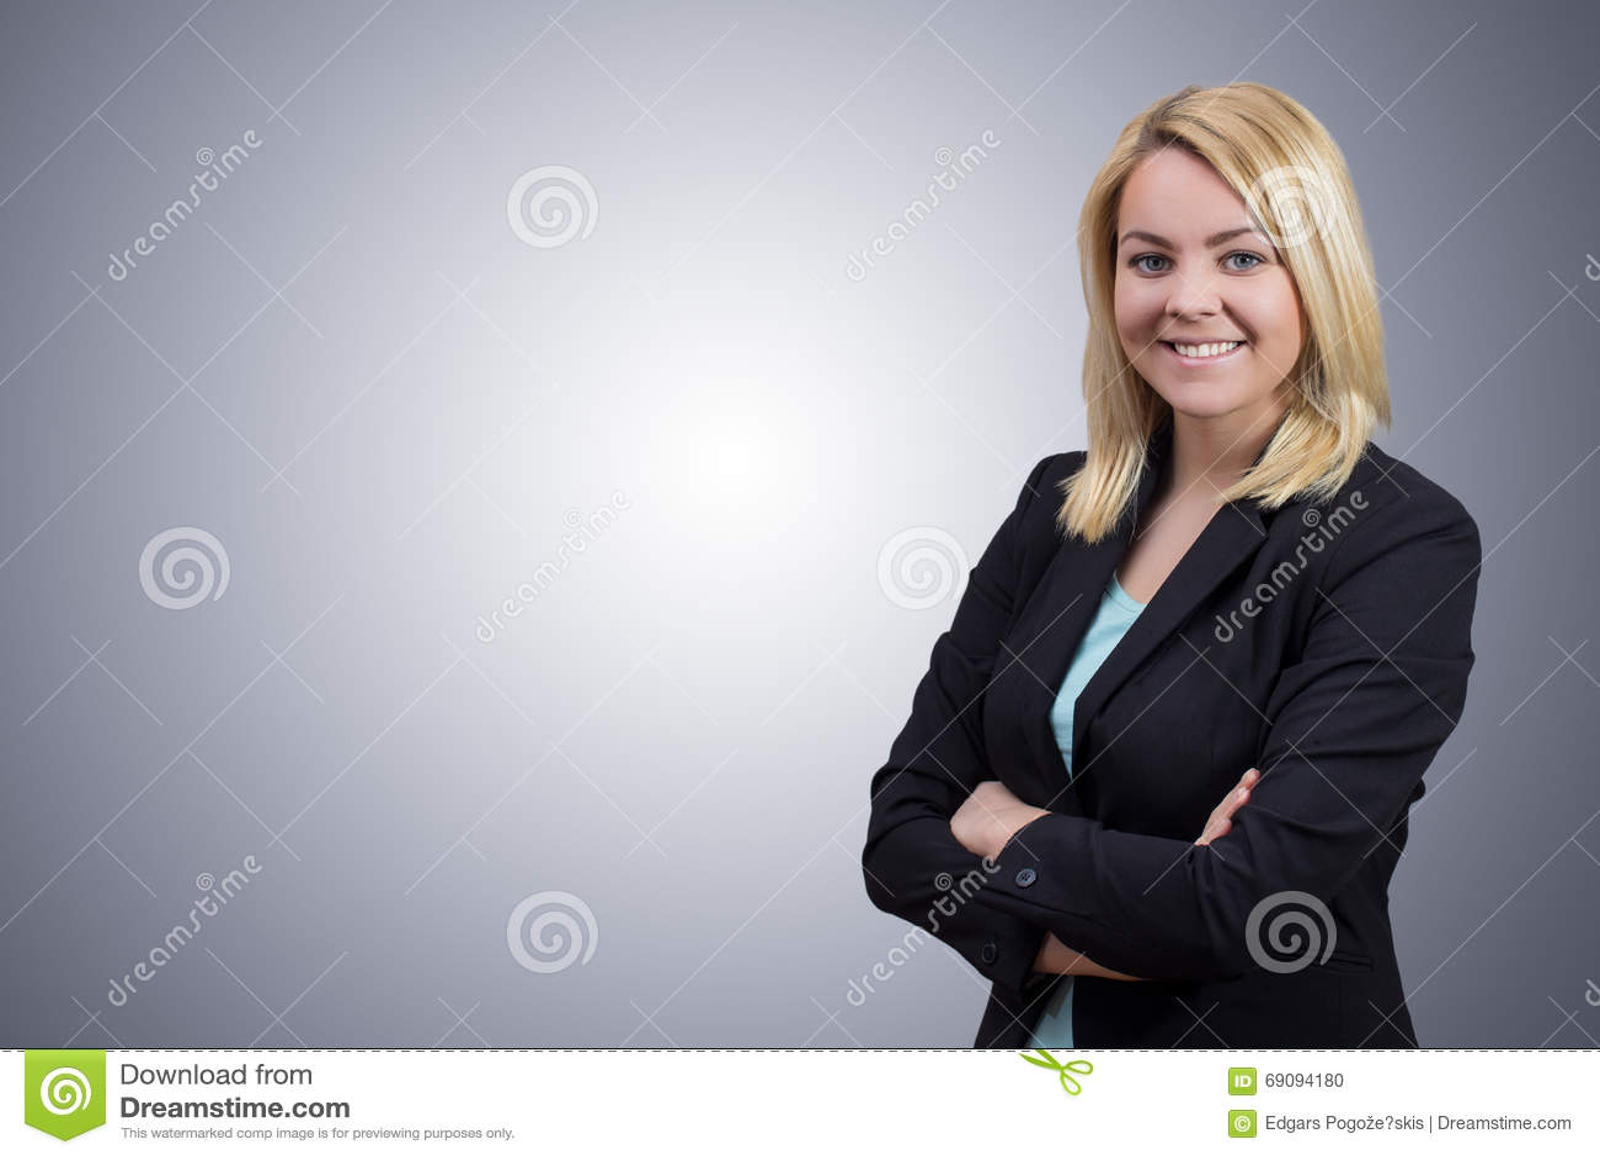 Бизнес-леди с пересеченными руками на чистой серой предпосылке